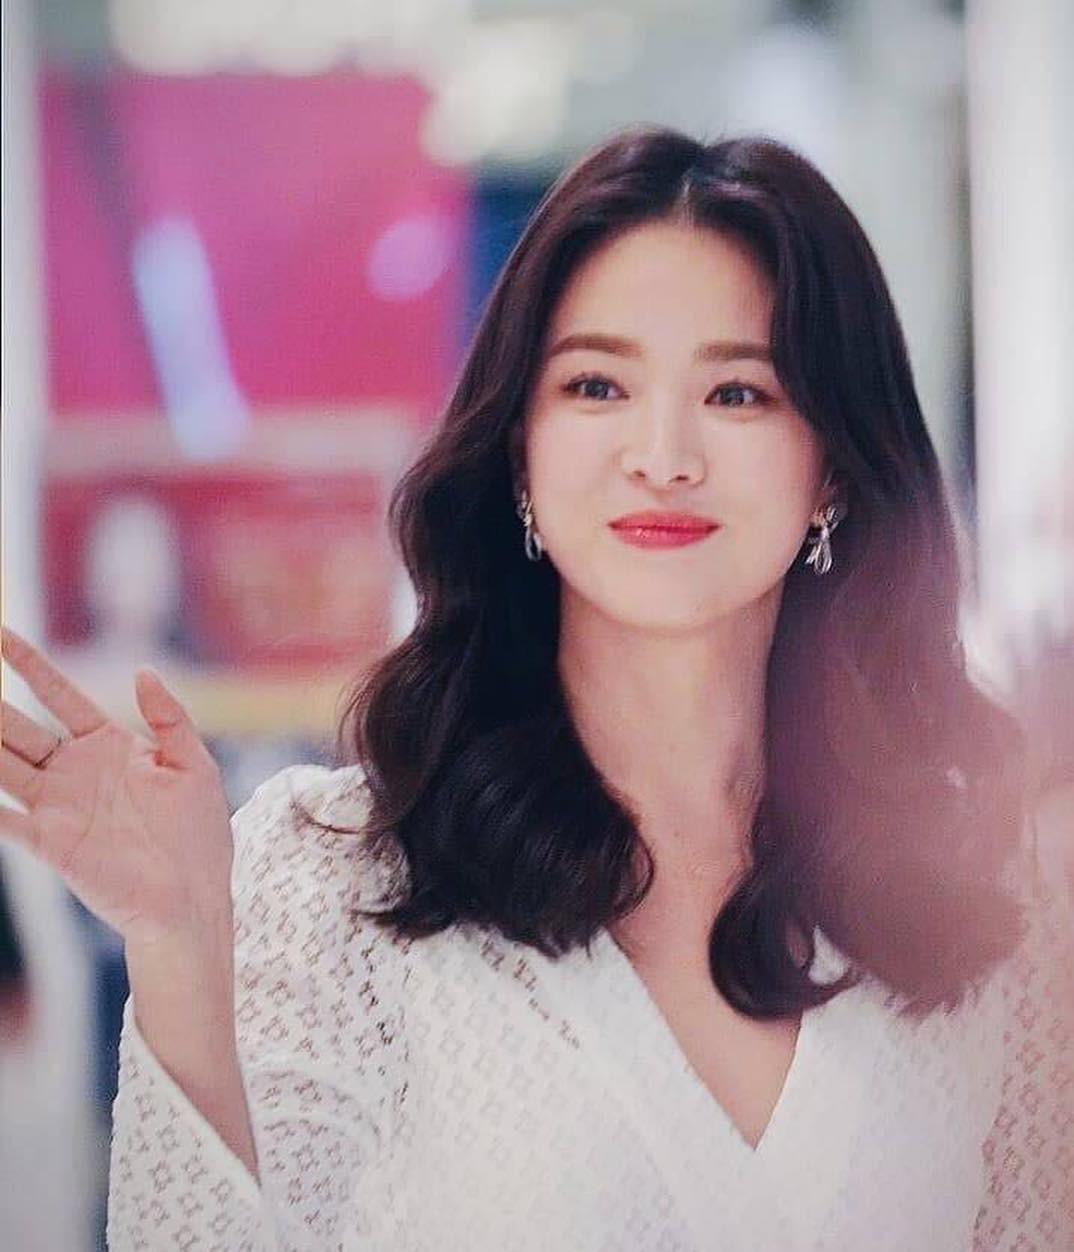 Sao Hàn da đẹp mỹ mãn một phần nhờ rửa mặt đúng cách, trong đó da mụn đặc biệt được khuyên áp dụng cách đầu tiên - Ảnh 4.